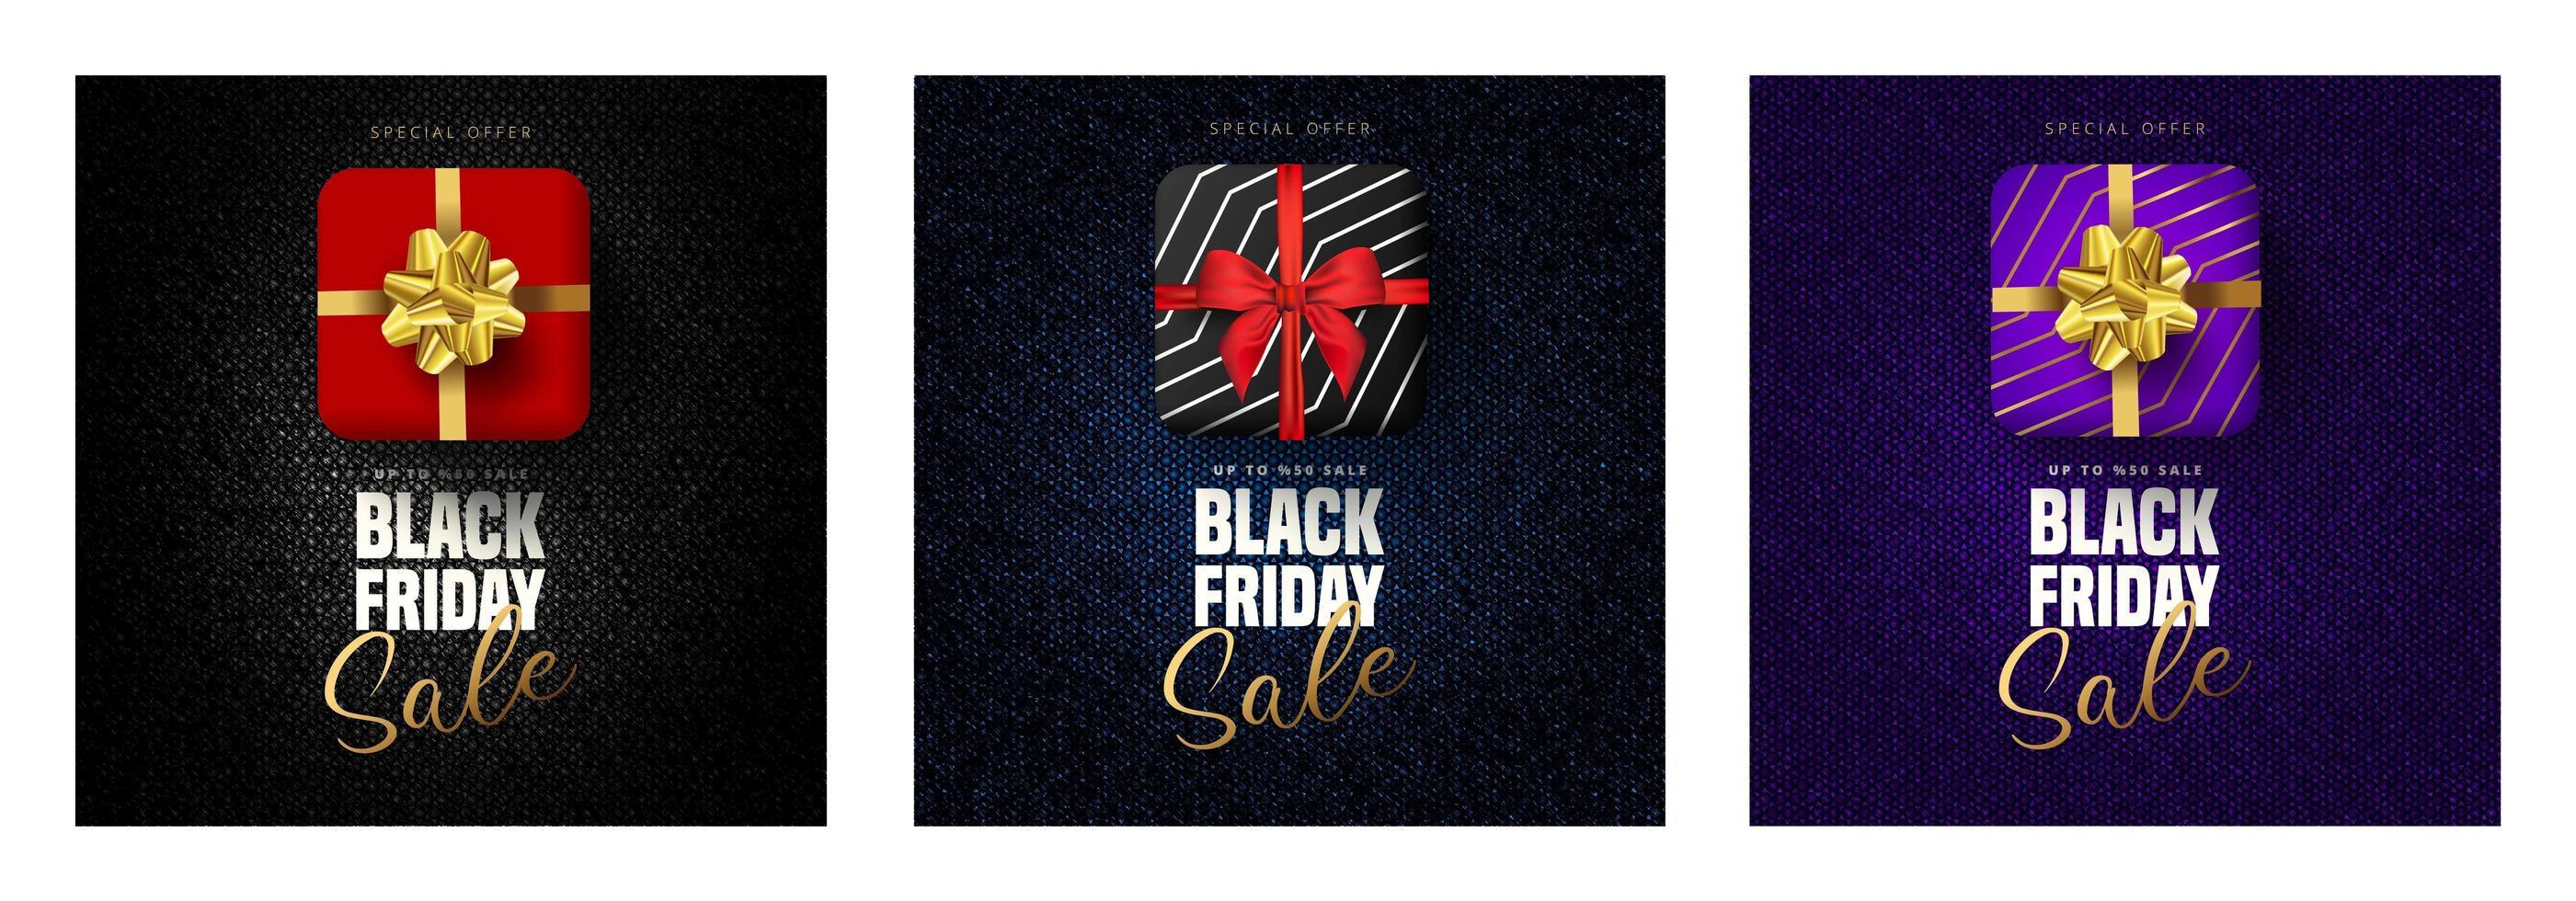 zwarte vrijdag verkoop belettering, geschenkdozen in 3 kleuren vector